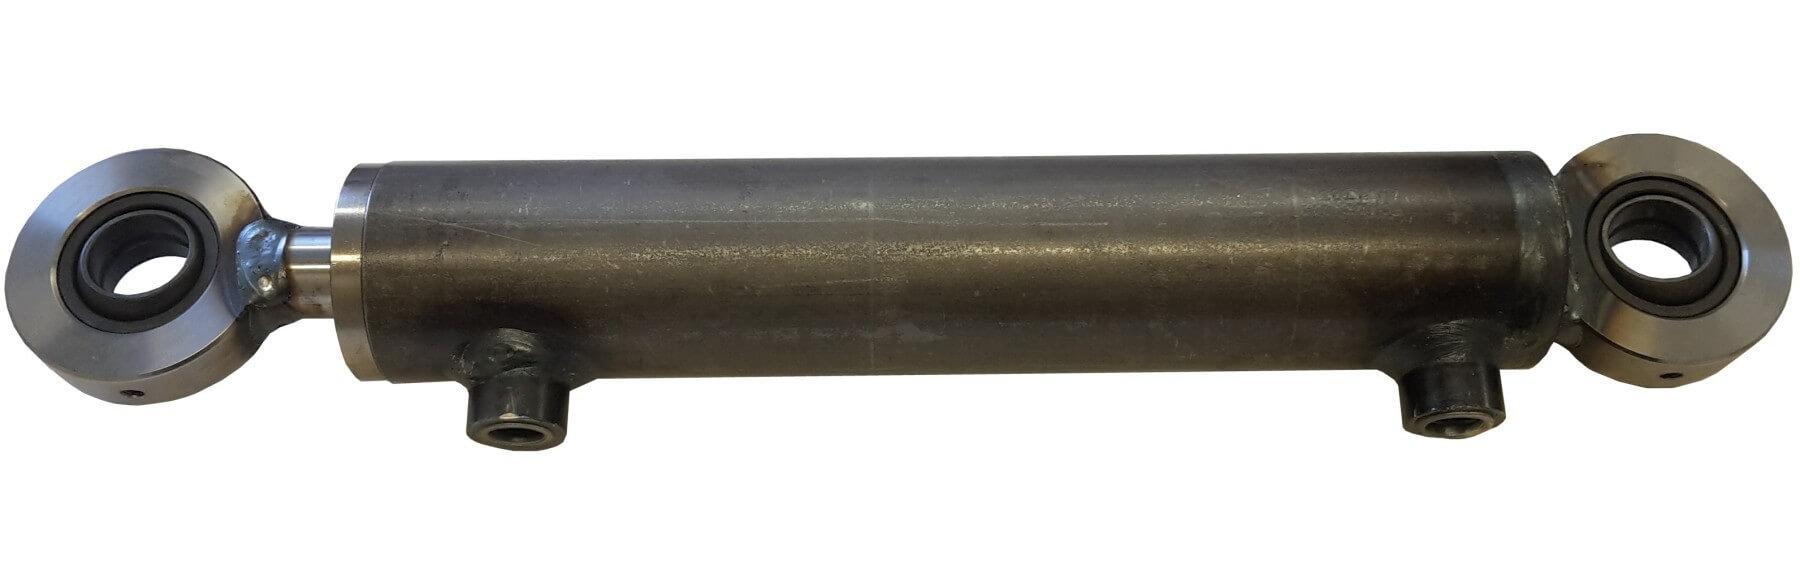 Hydraulisylinteri CL 50. 30. 700 GE - Kailatec Oy Verkkokauppa